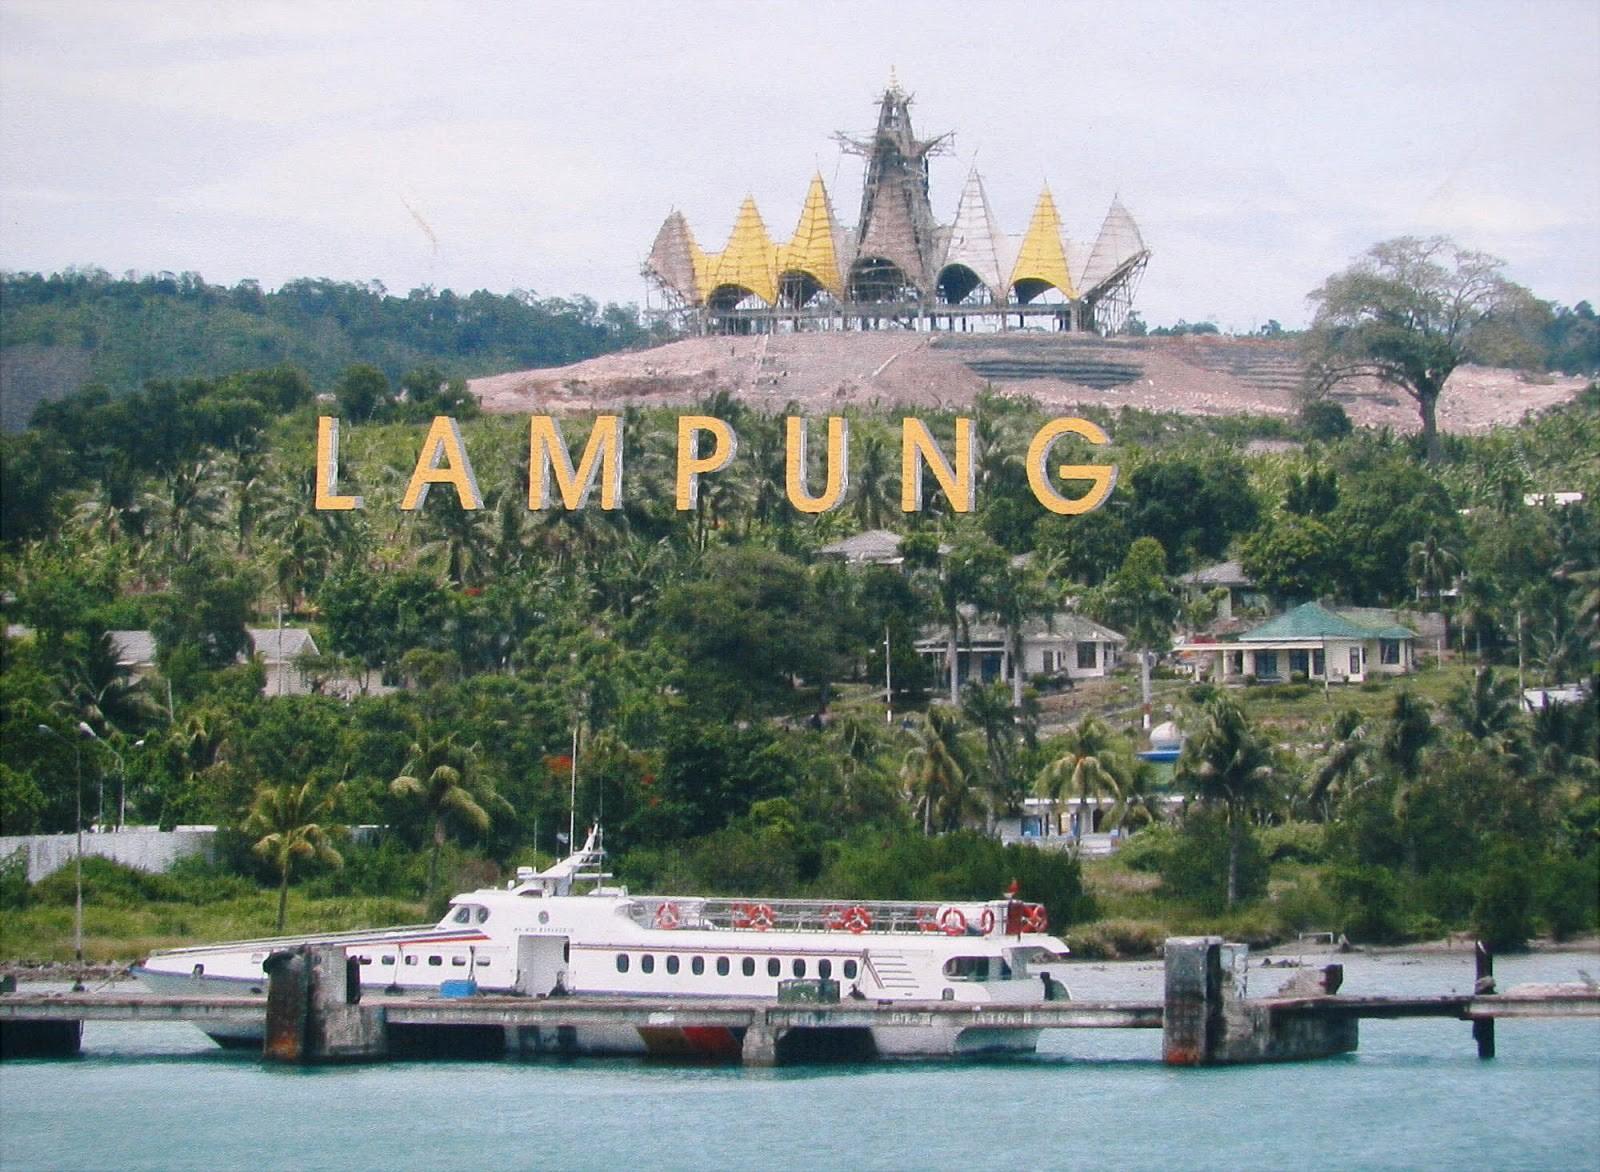 Lampung: Miniatur Indonesia